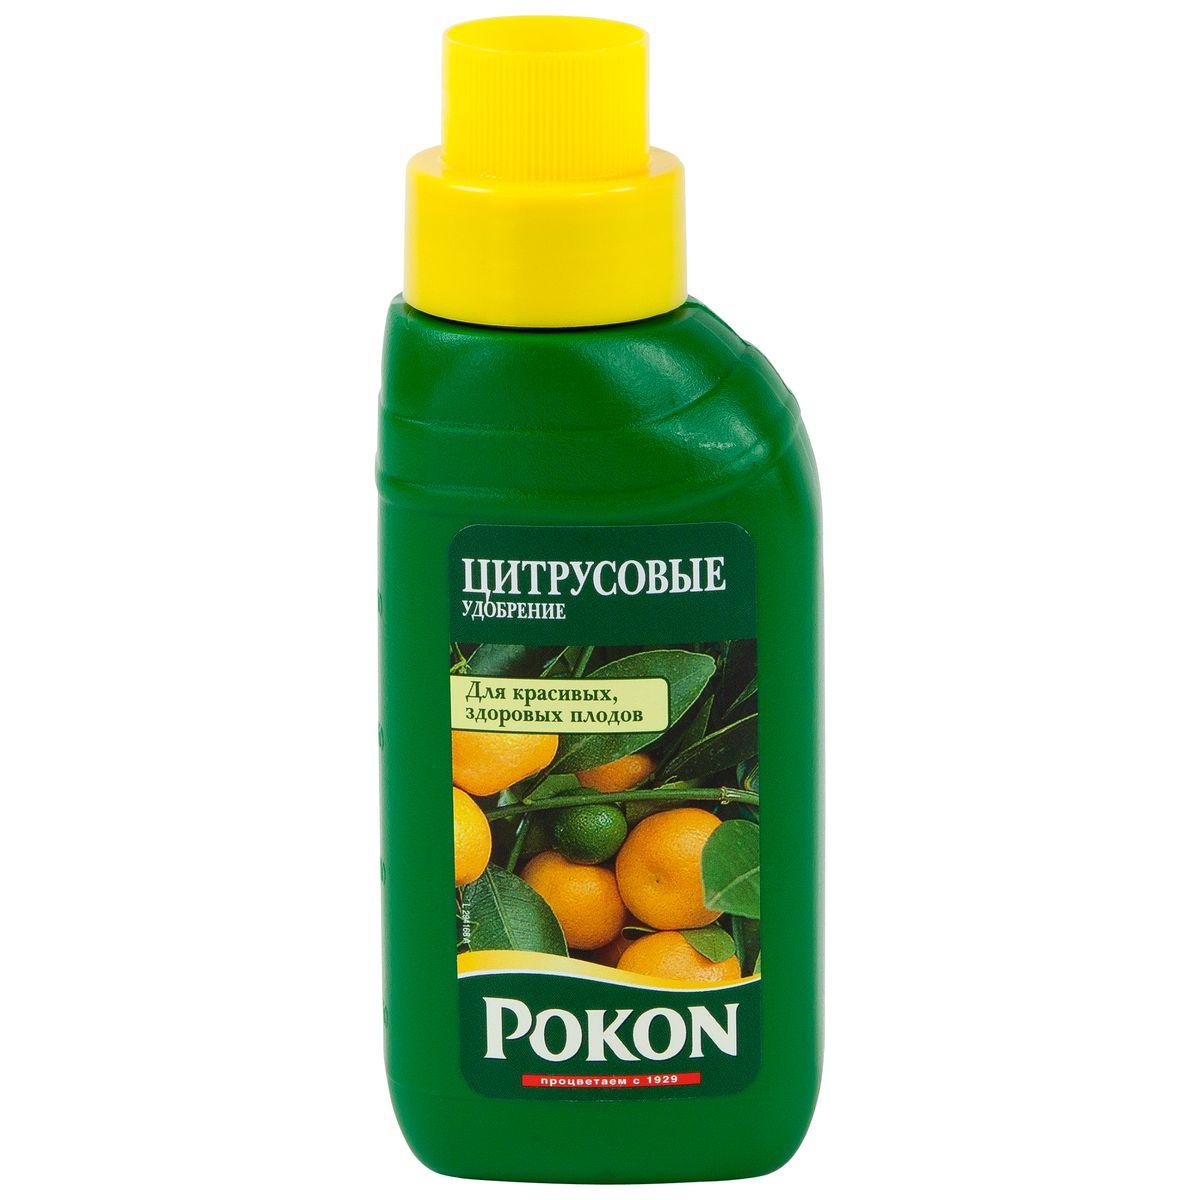 Удобрение Pokon для цитрусовых растений, 250 мл8719400011128Удобрение Pokon для цитрусовых растений: NPK 10 + 3 + 7. Это сбалансированное удобрение Pokon с высоким содержанием азота специально разработано для подкормки цитрусовых и других средиземноморских растений, выращиваемых в горшках, и способствует формированию красивых и полезных плодов. Инструкция по применению: - Добавьте удобрение в воду для полива (10 мл на 1 л воды). - Поливайте растения раствором удобрения 1 раз в неделю, с марта по август. Состав: Жидкое удобрение с соотношением NPK 10 + 3 + 7. Удобрение соответствует нормам ЕС.